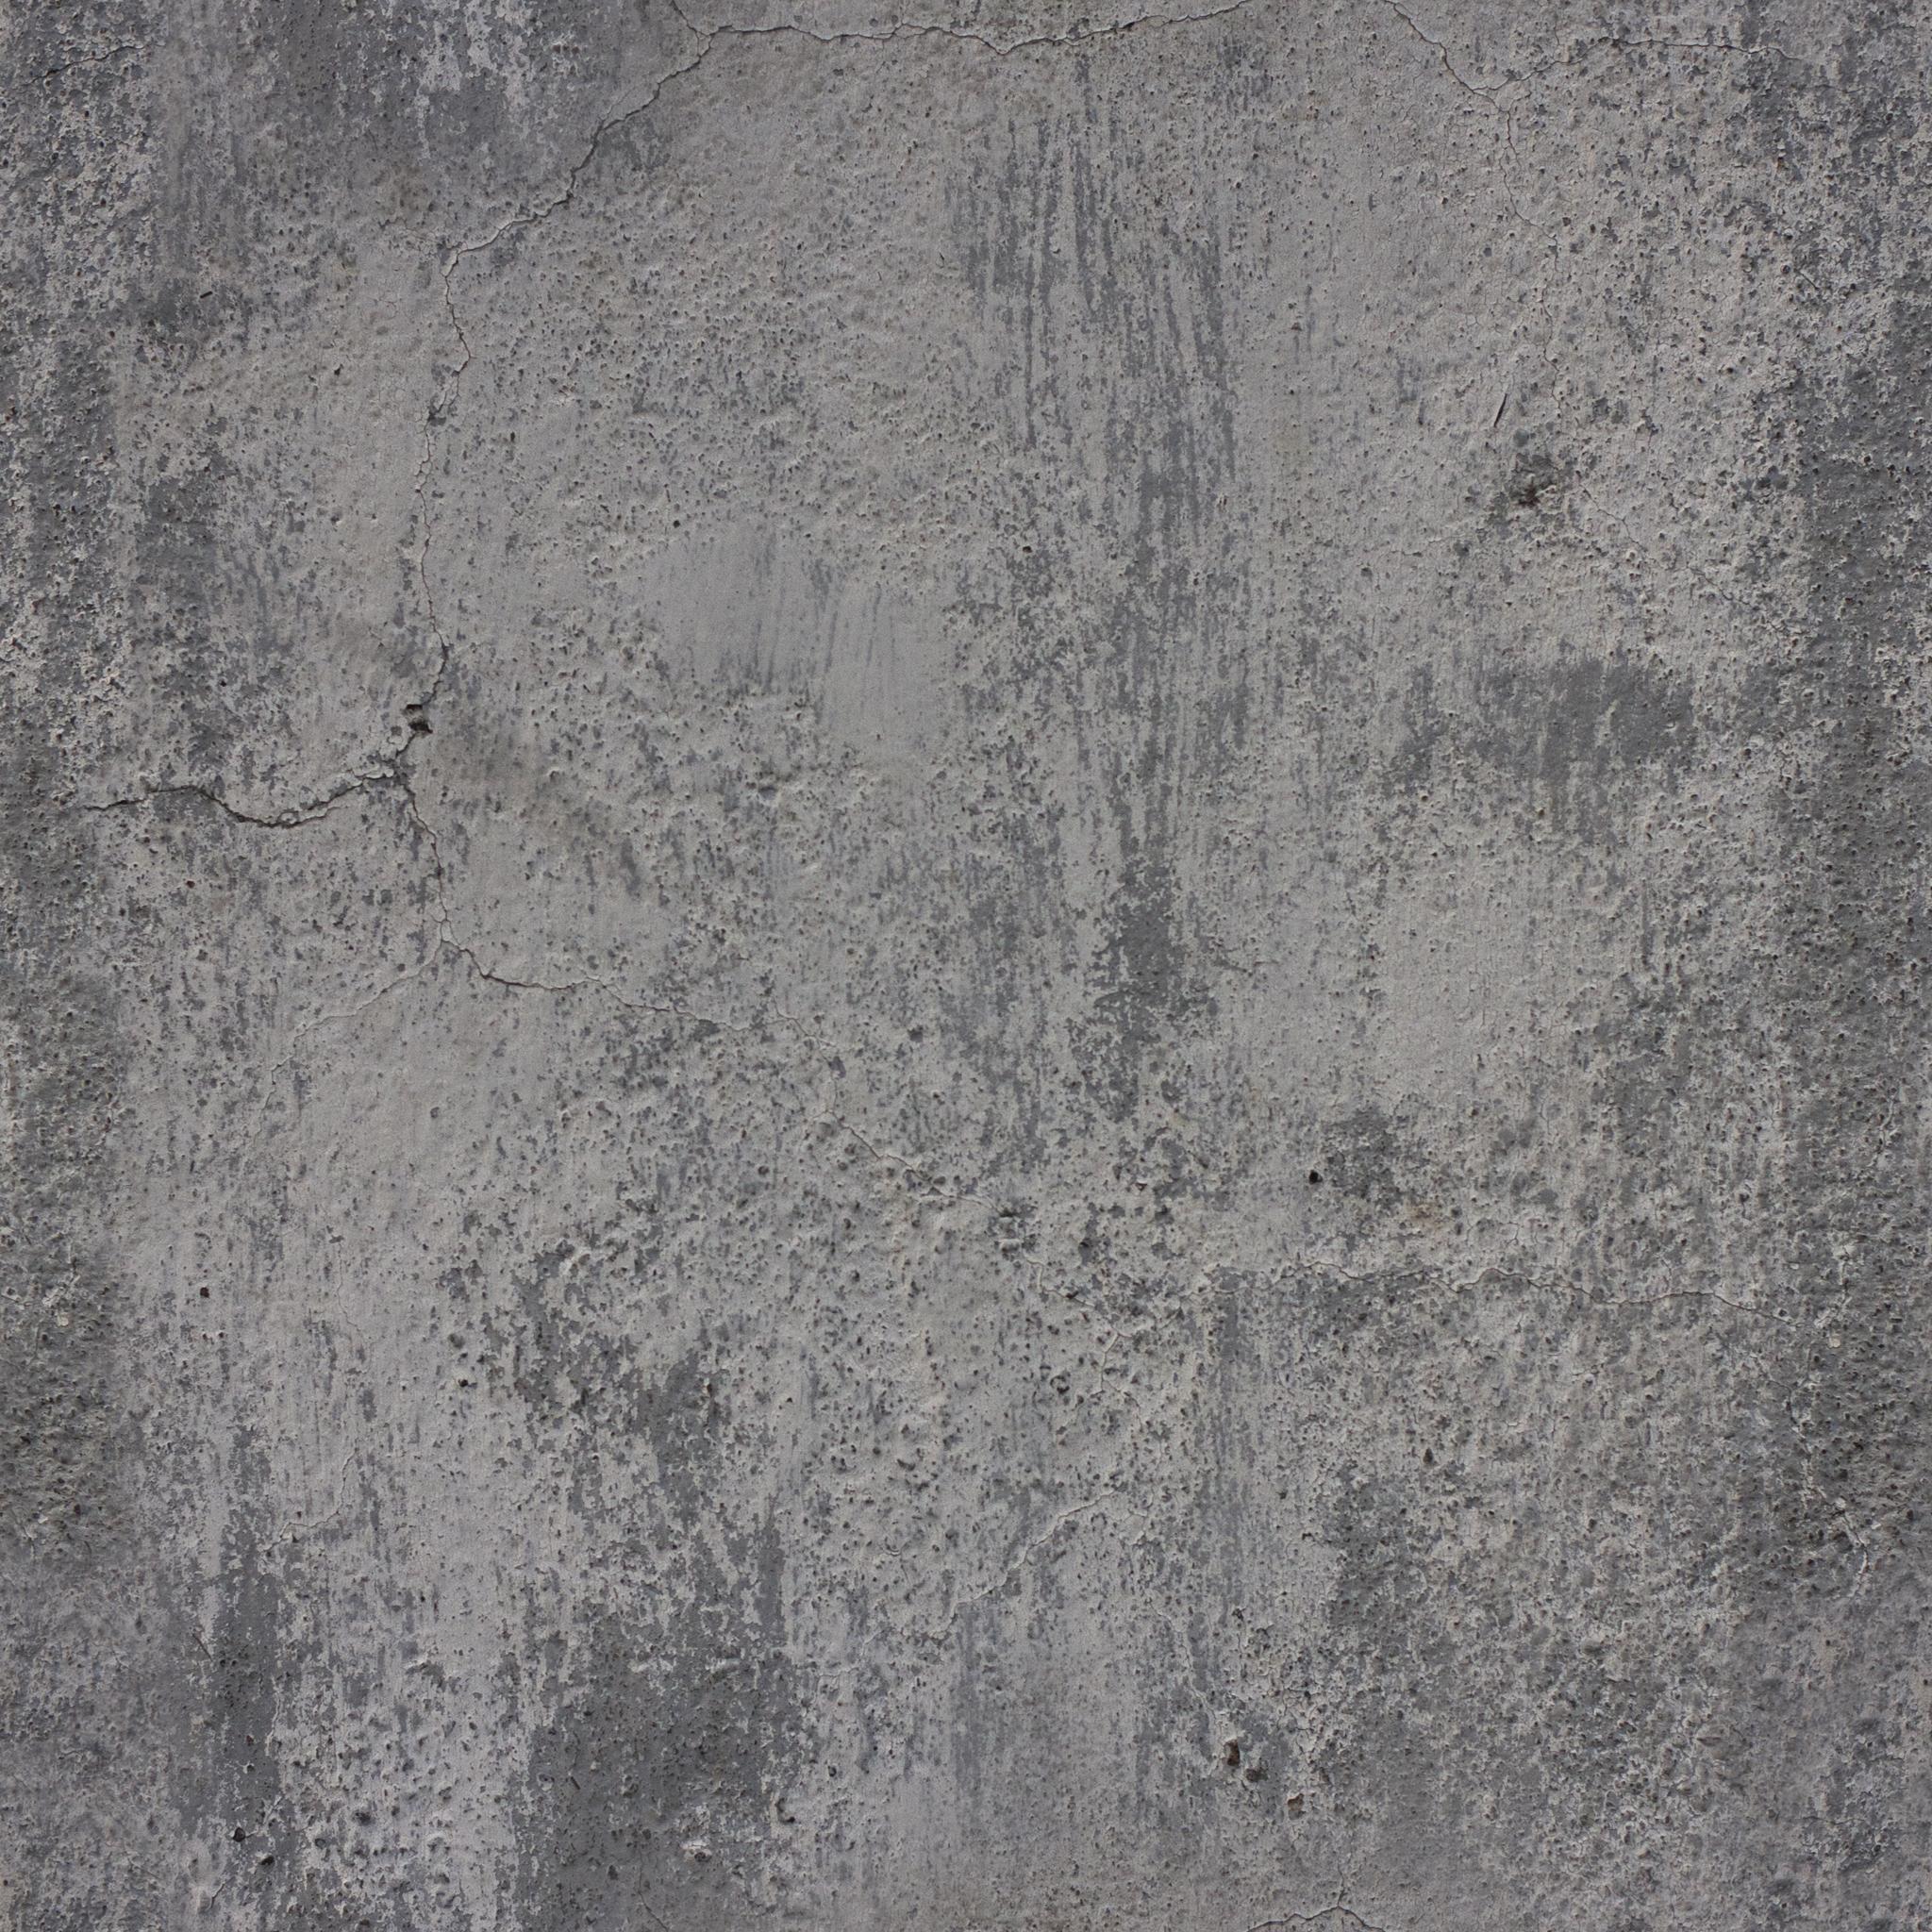 Coarse Gray Concrete.jpg